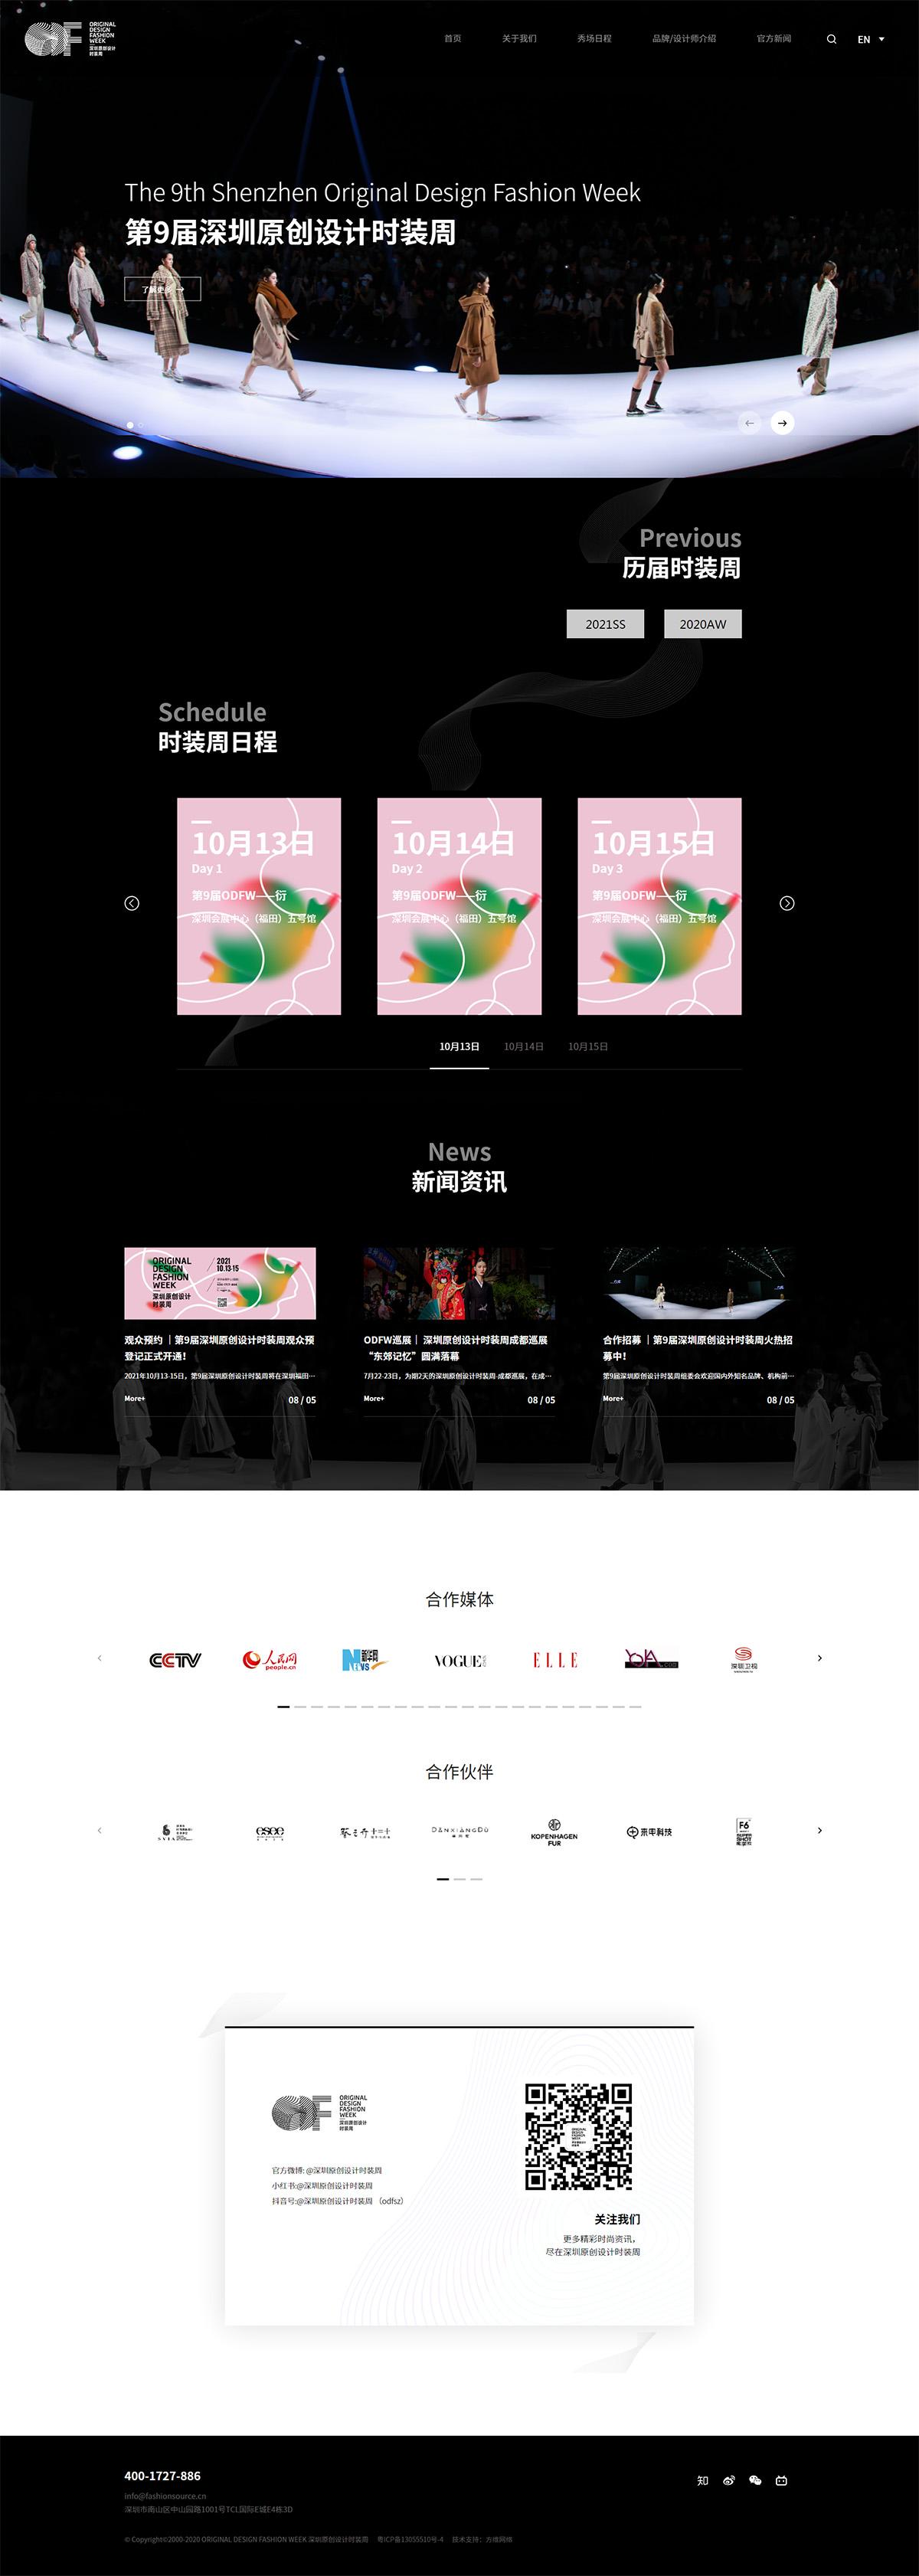 潮州原创设计时装周网站案例